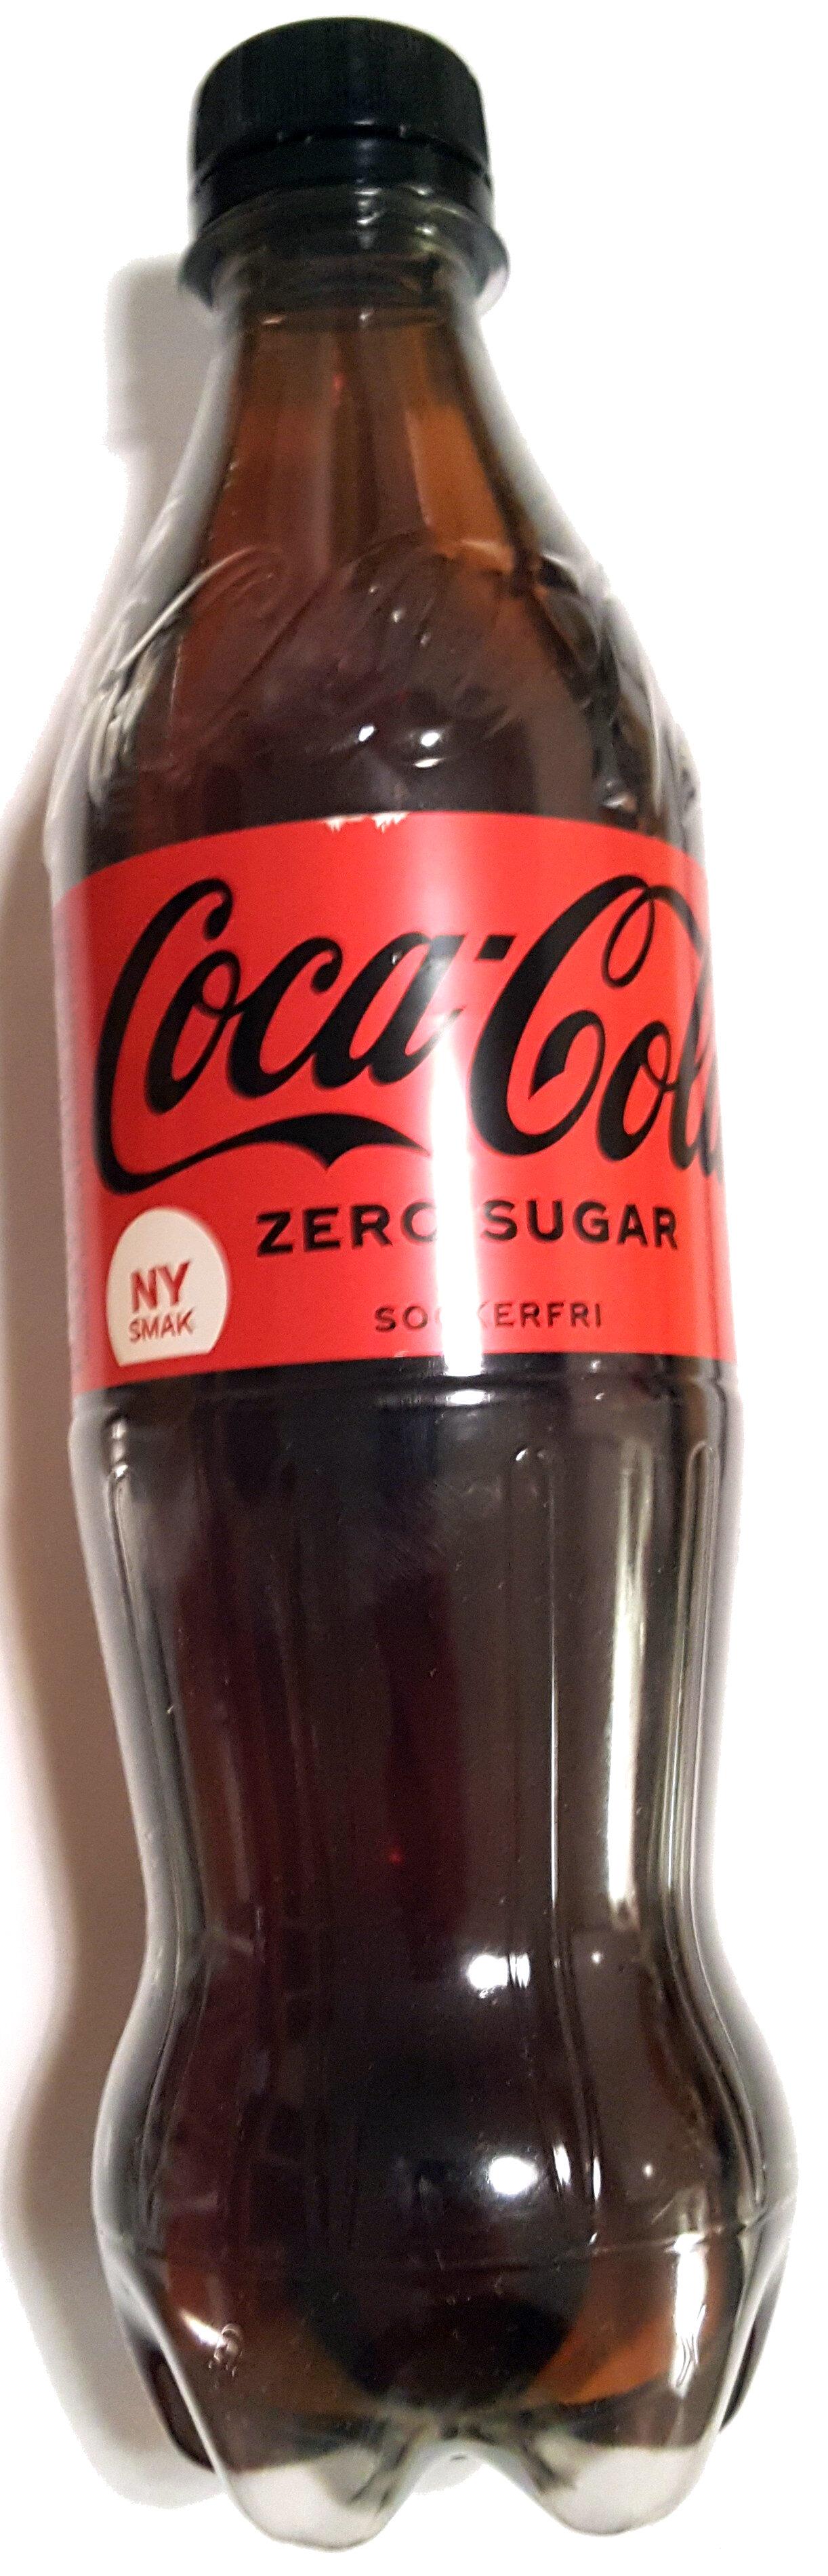 Coca-Cola Zero Sugar - Prodotto - sv